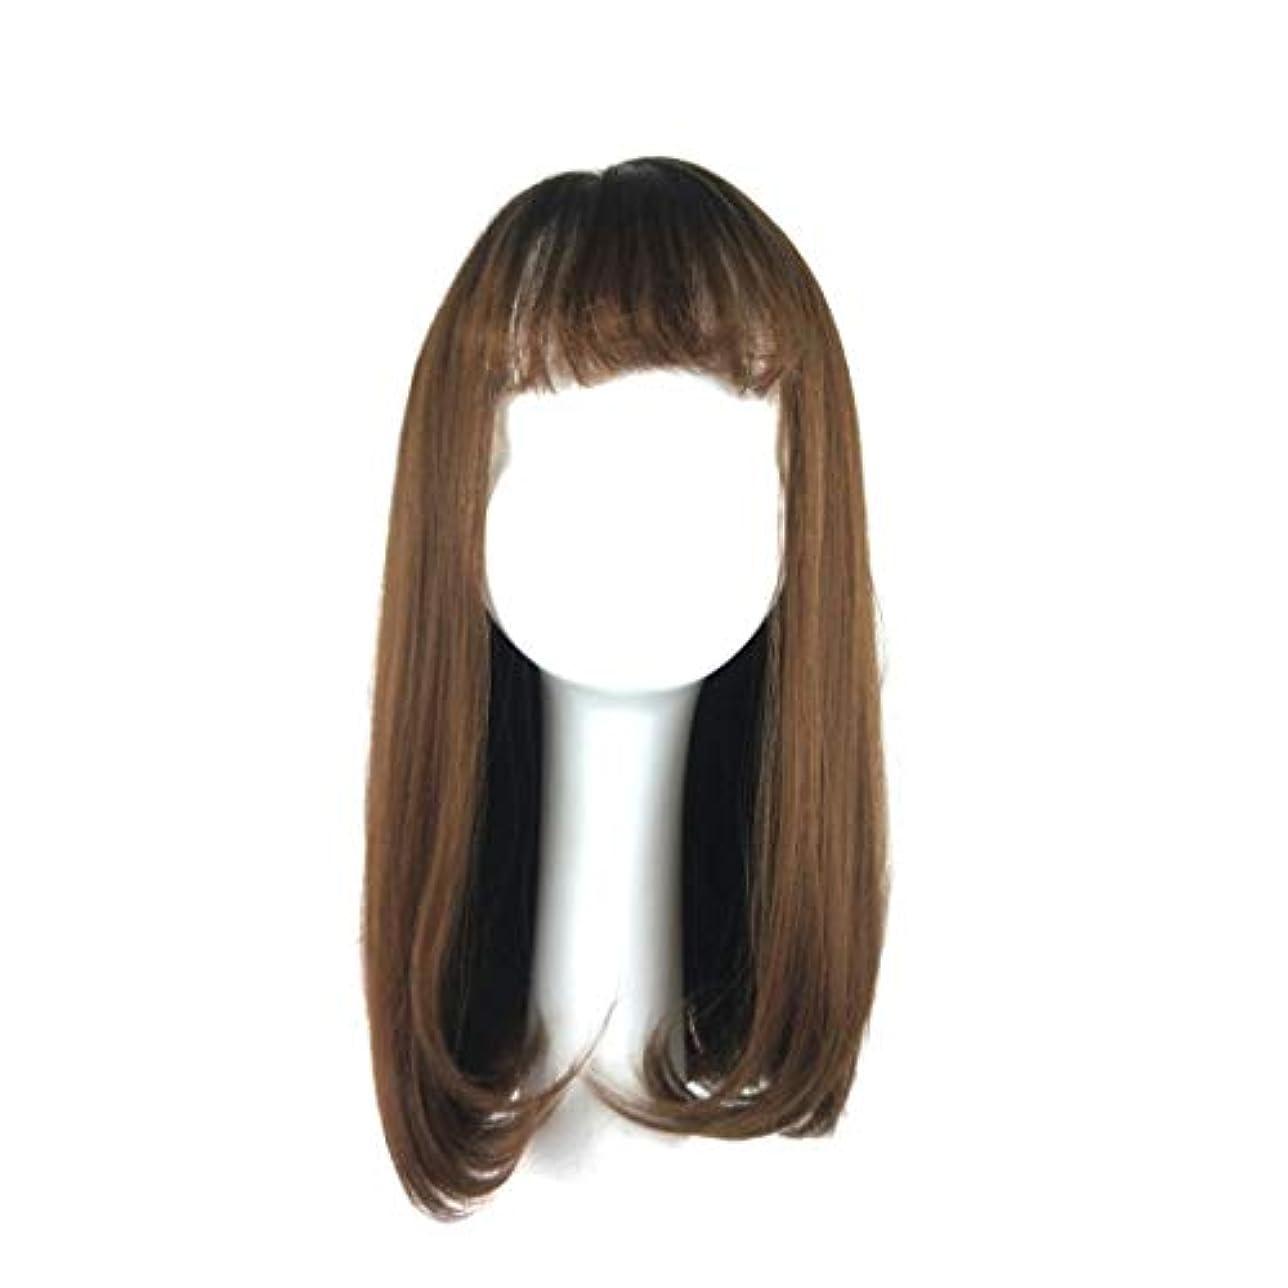 常識スタウト宿るKerwinner 女性のための合成かつら自然に見える長い波状別れ耐熱交換かつら